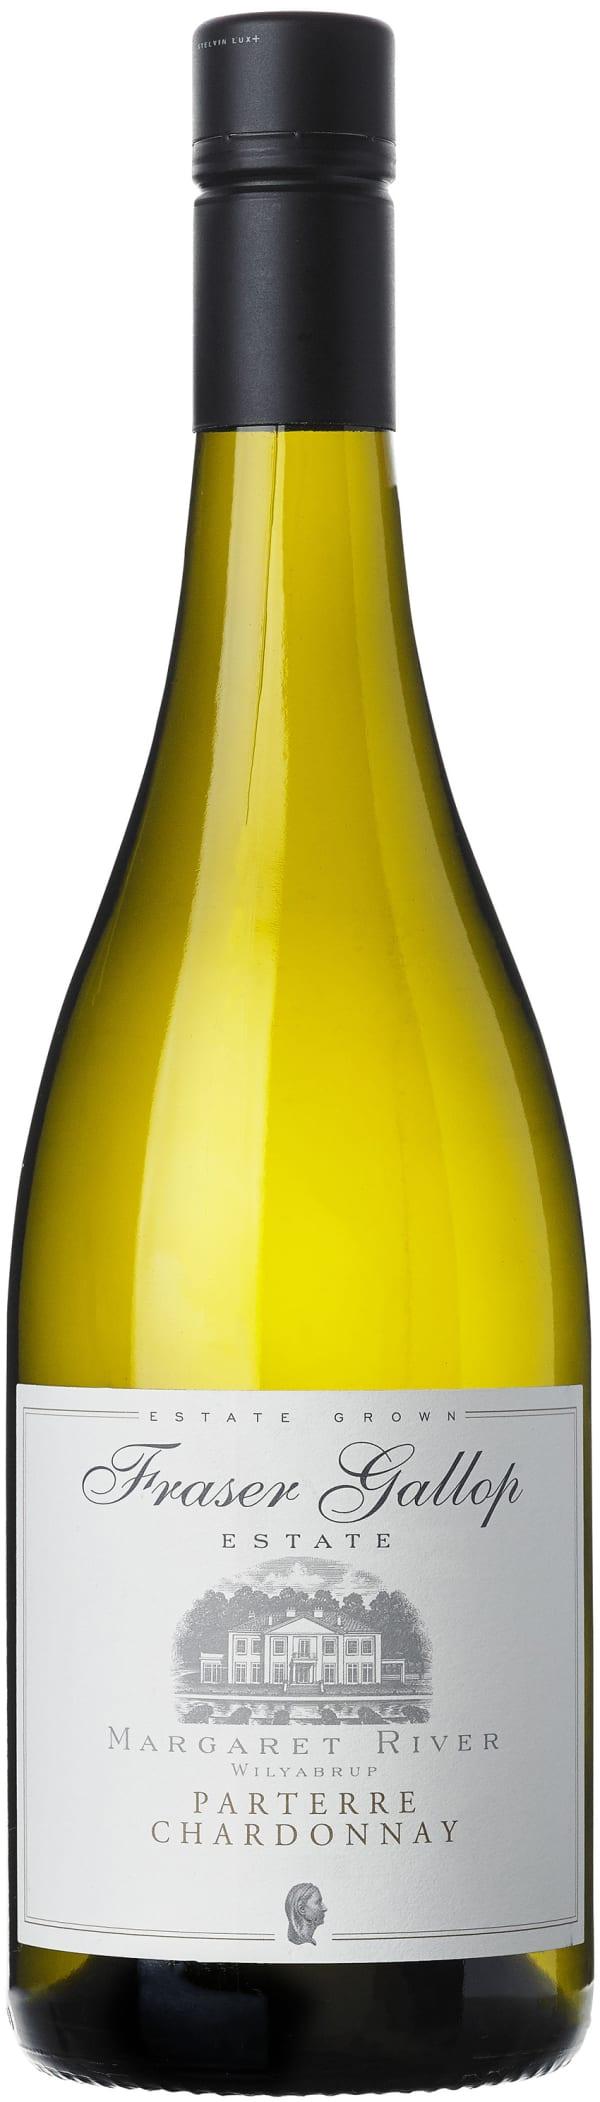 Fraser Gallop Parterre Chardonnay 2015